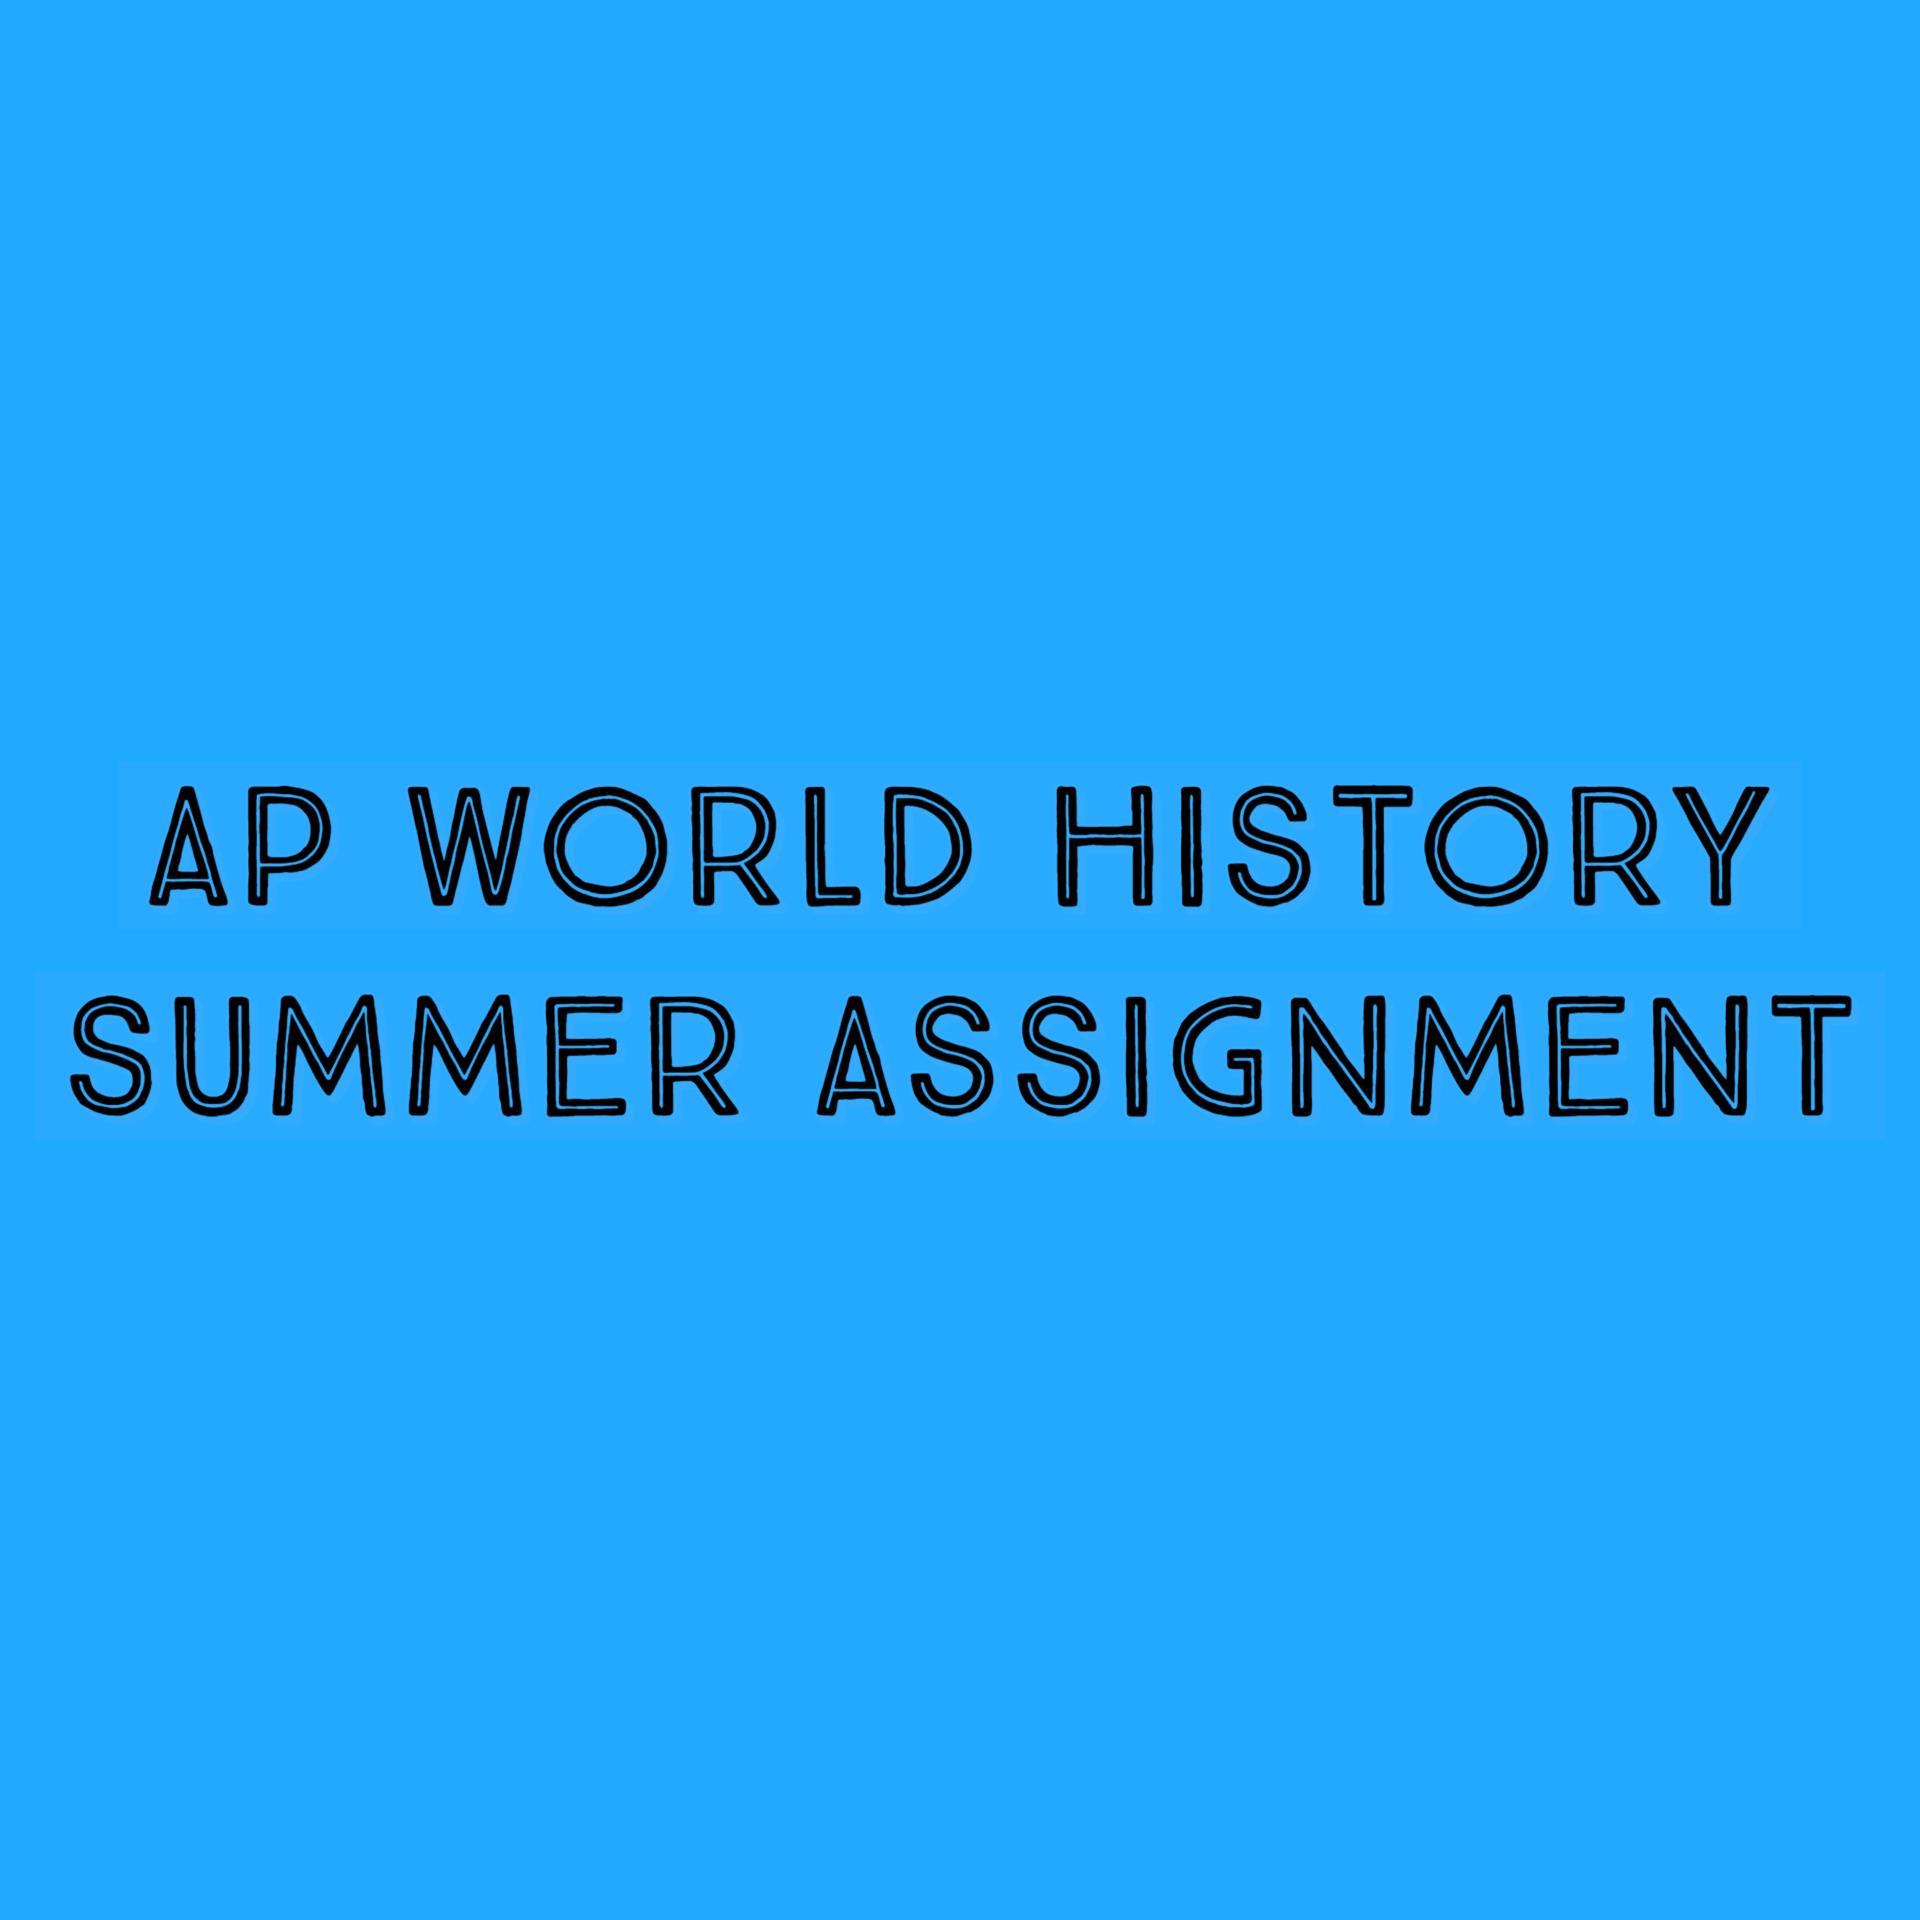 AP WORLD SUMMER